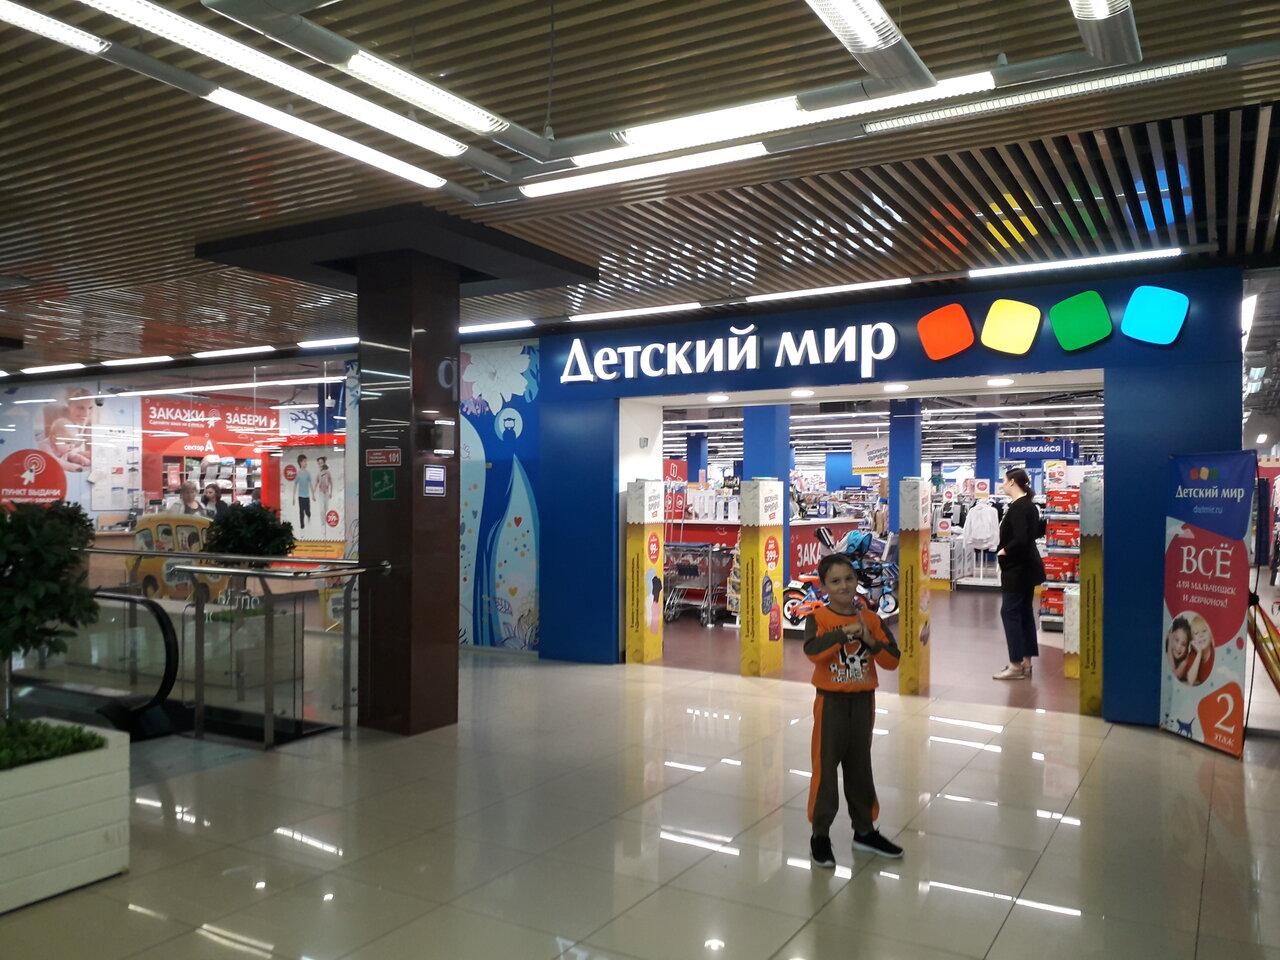 Детский Мир Интернет Магазин Благовещенск Амурская Область